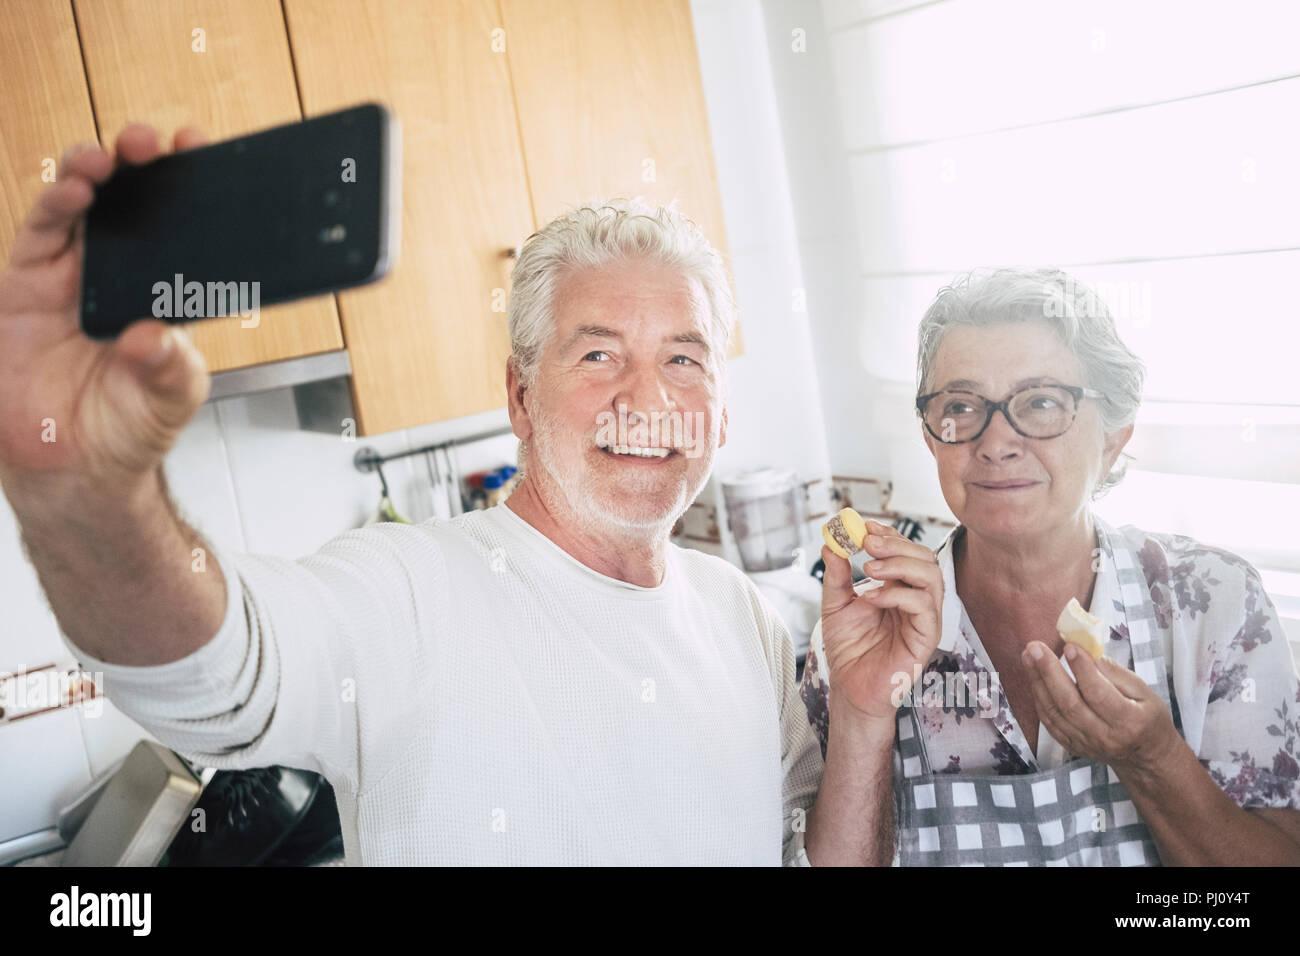 Senior caucasico adulto felice coppia a casa nella cucina cucina e lavorare insieme con gioia e felicità. prendendo selfie con moderne smart phone Immagini Stock